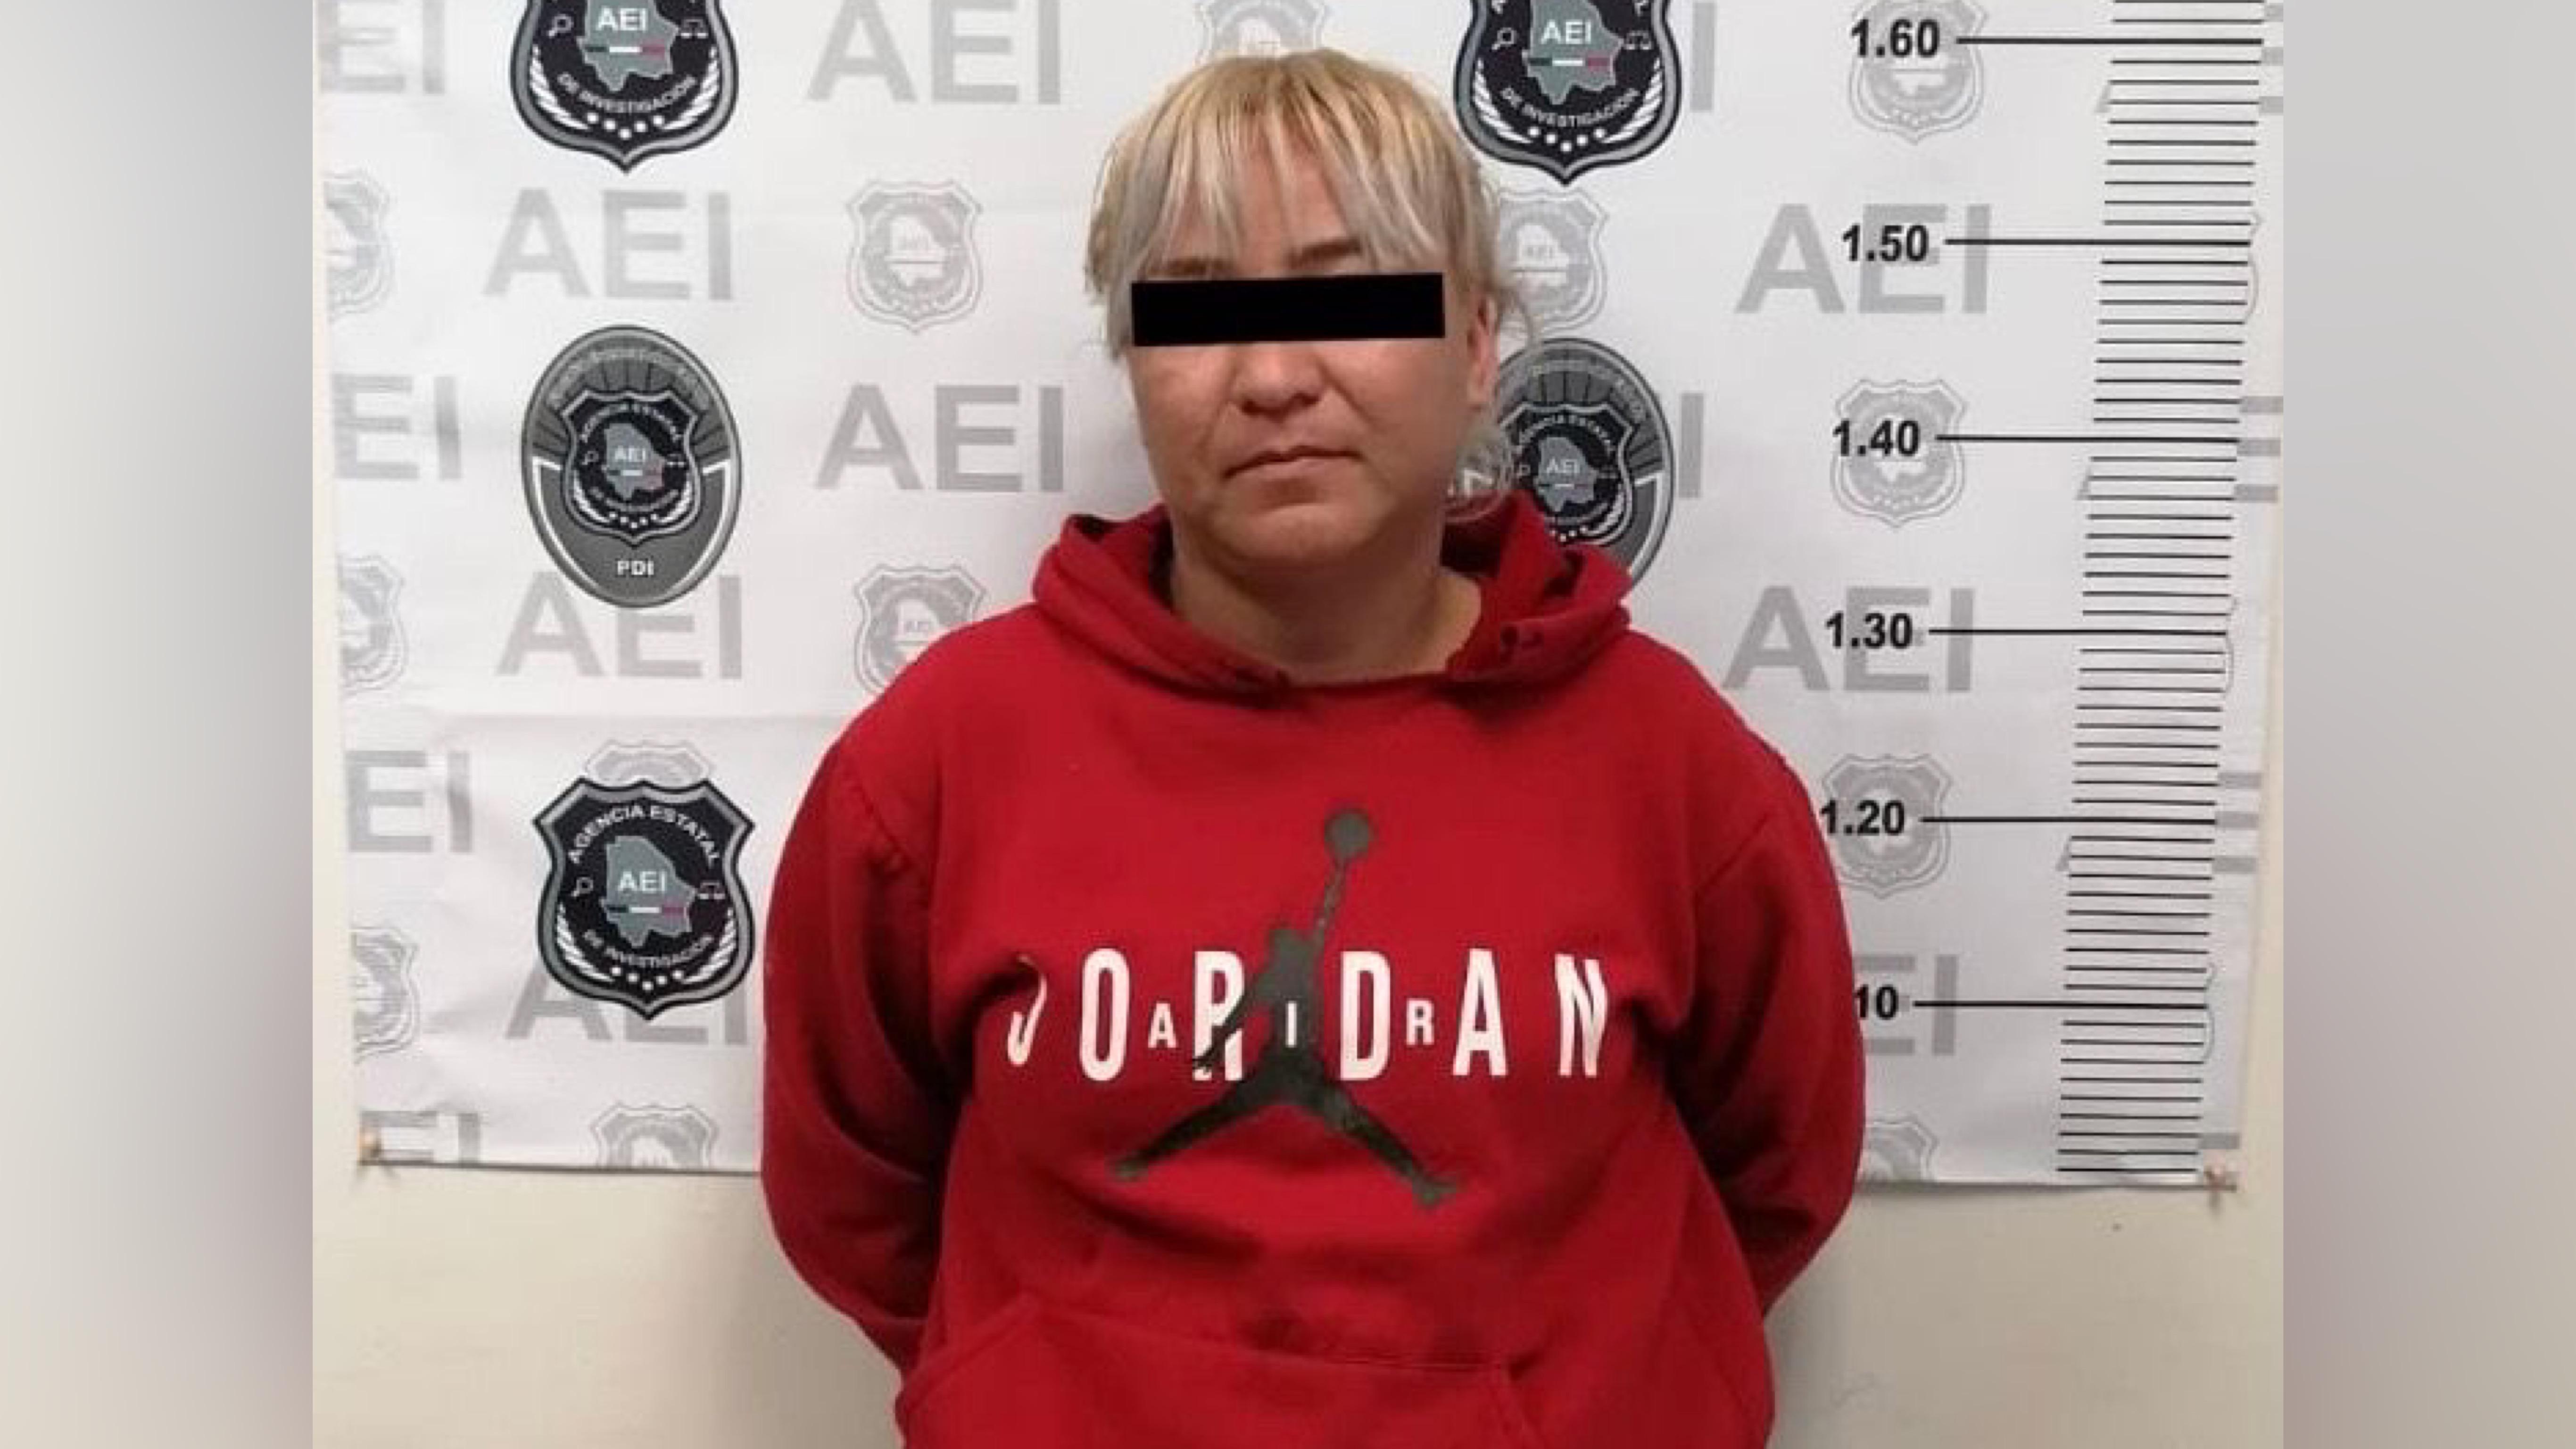 Mujer-detenida-en-cateo-de-yonke-en-Cd.-Juarez